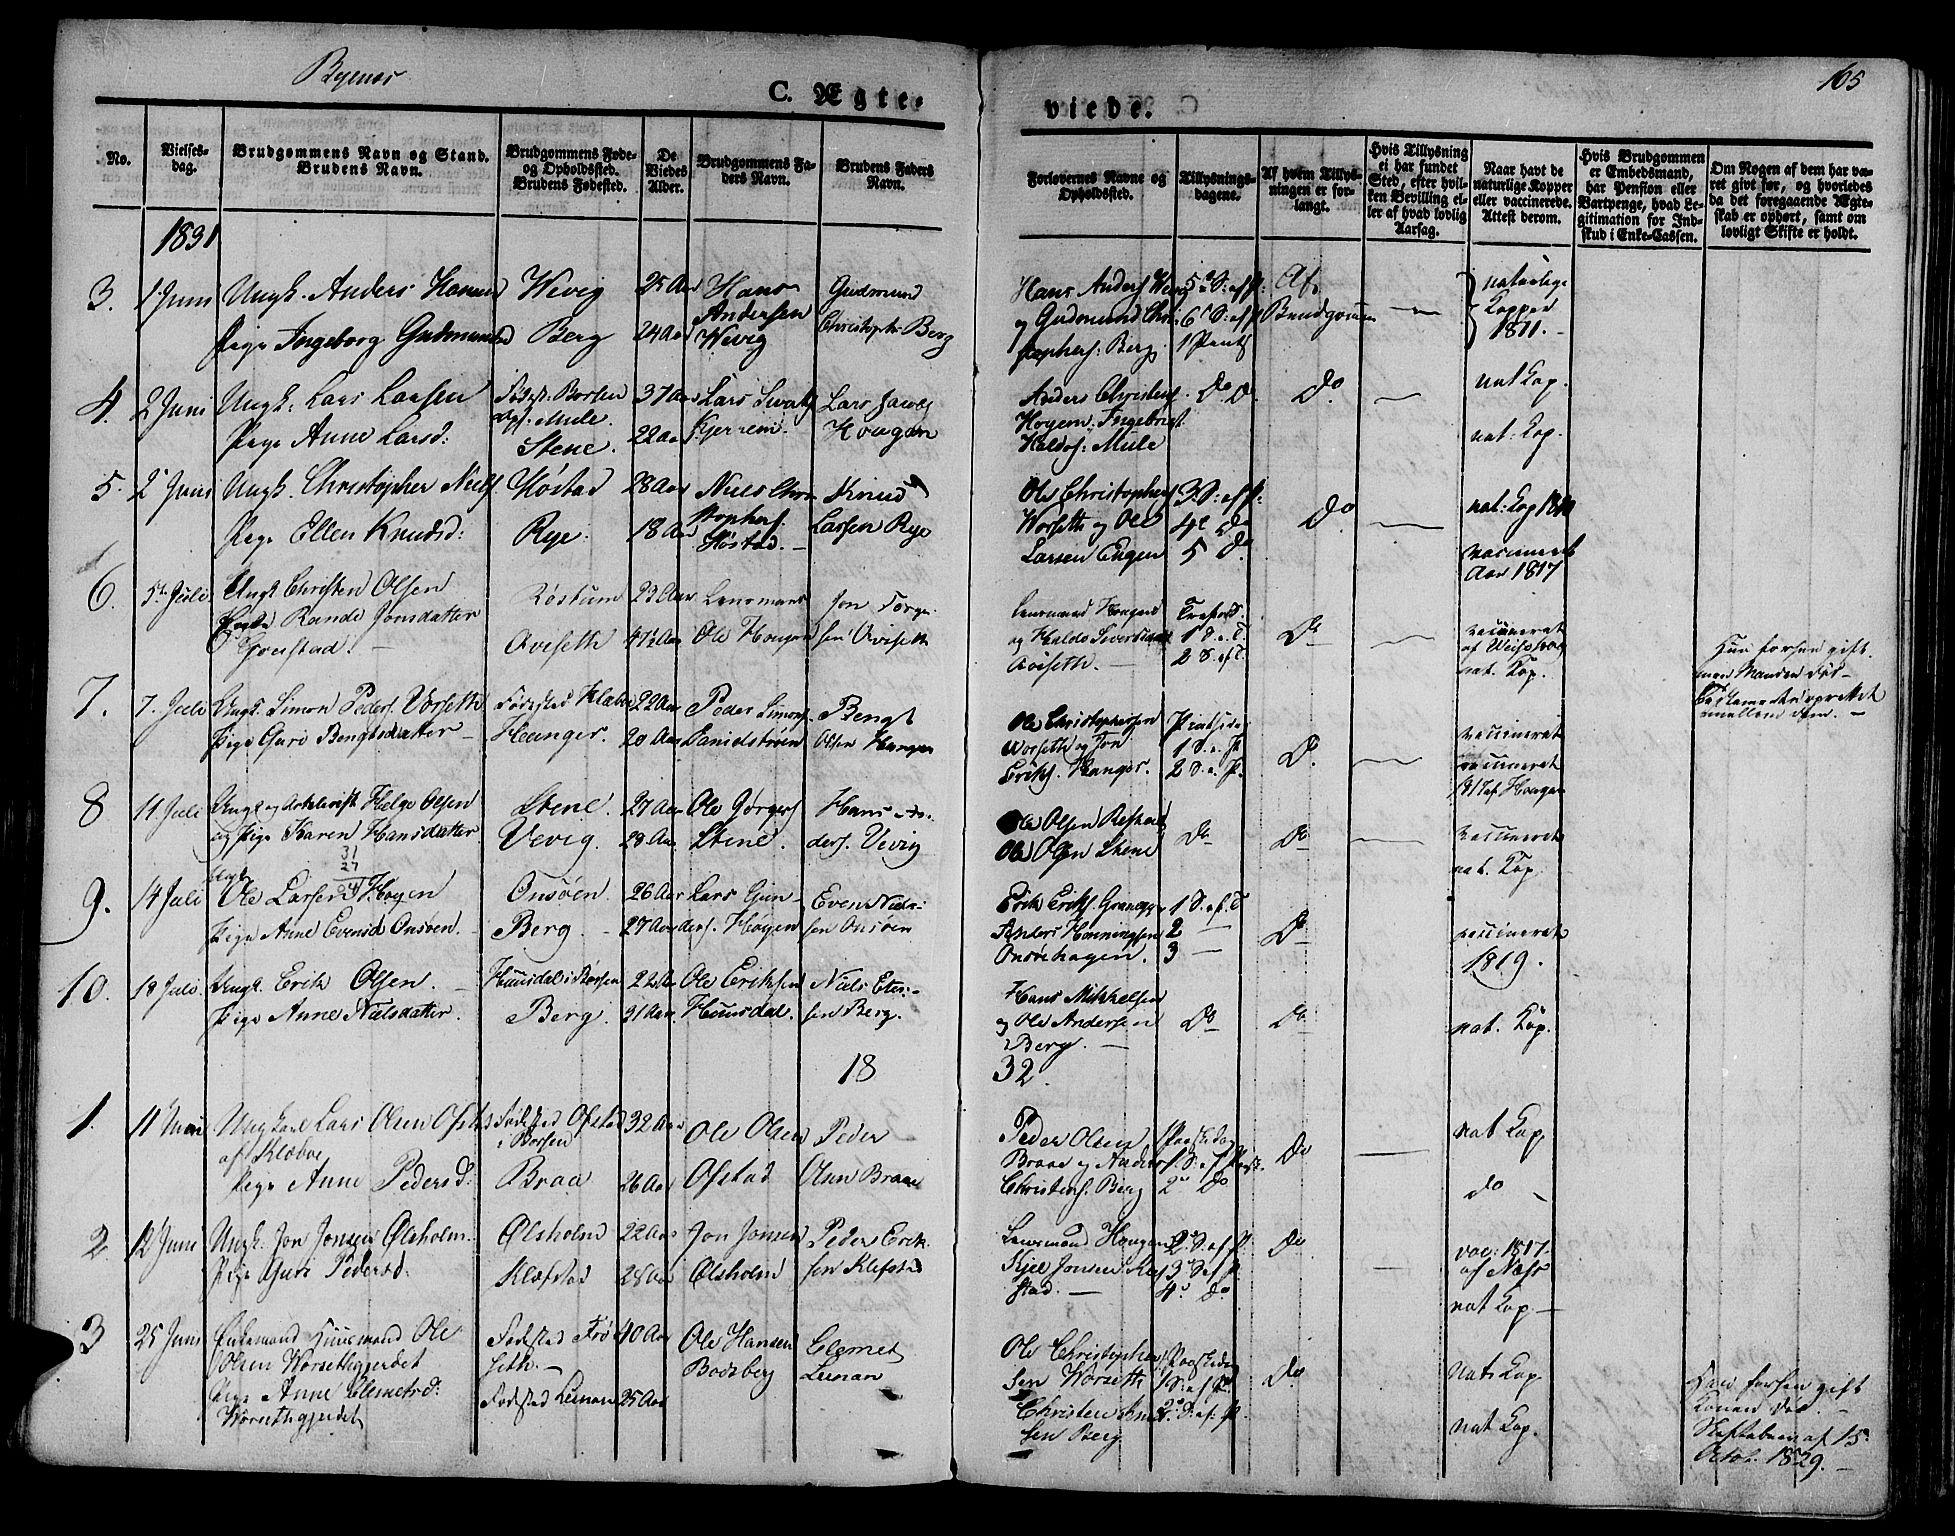 SAT, Ministerialprotokoller, klokkerbøker og fødselsregistre - Sør-Trøndelag, 612/L0374: Ministerialbok nr. 612A07 /1, 1829-1845, s. 165